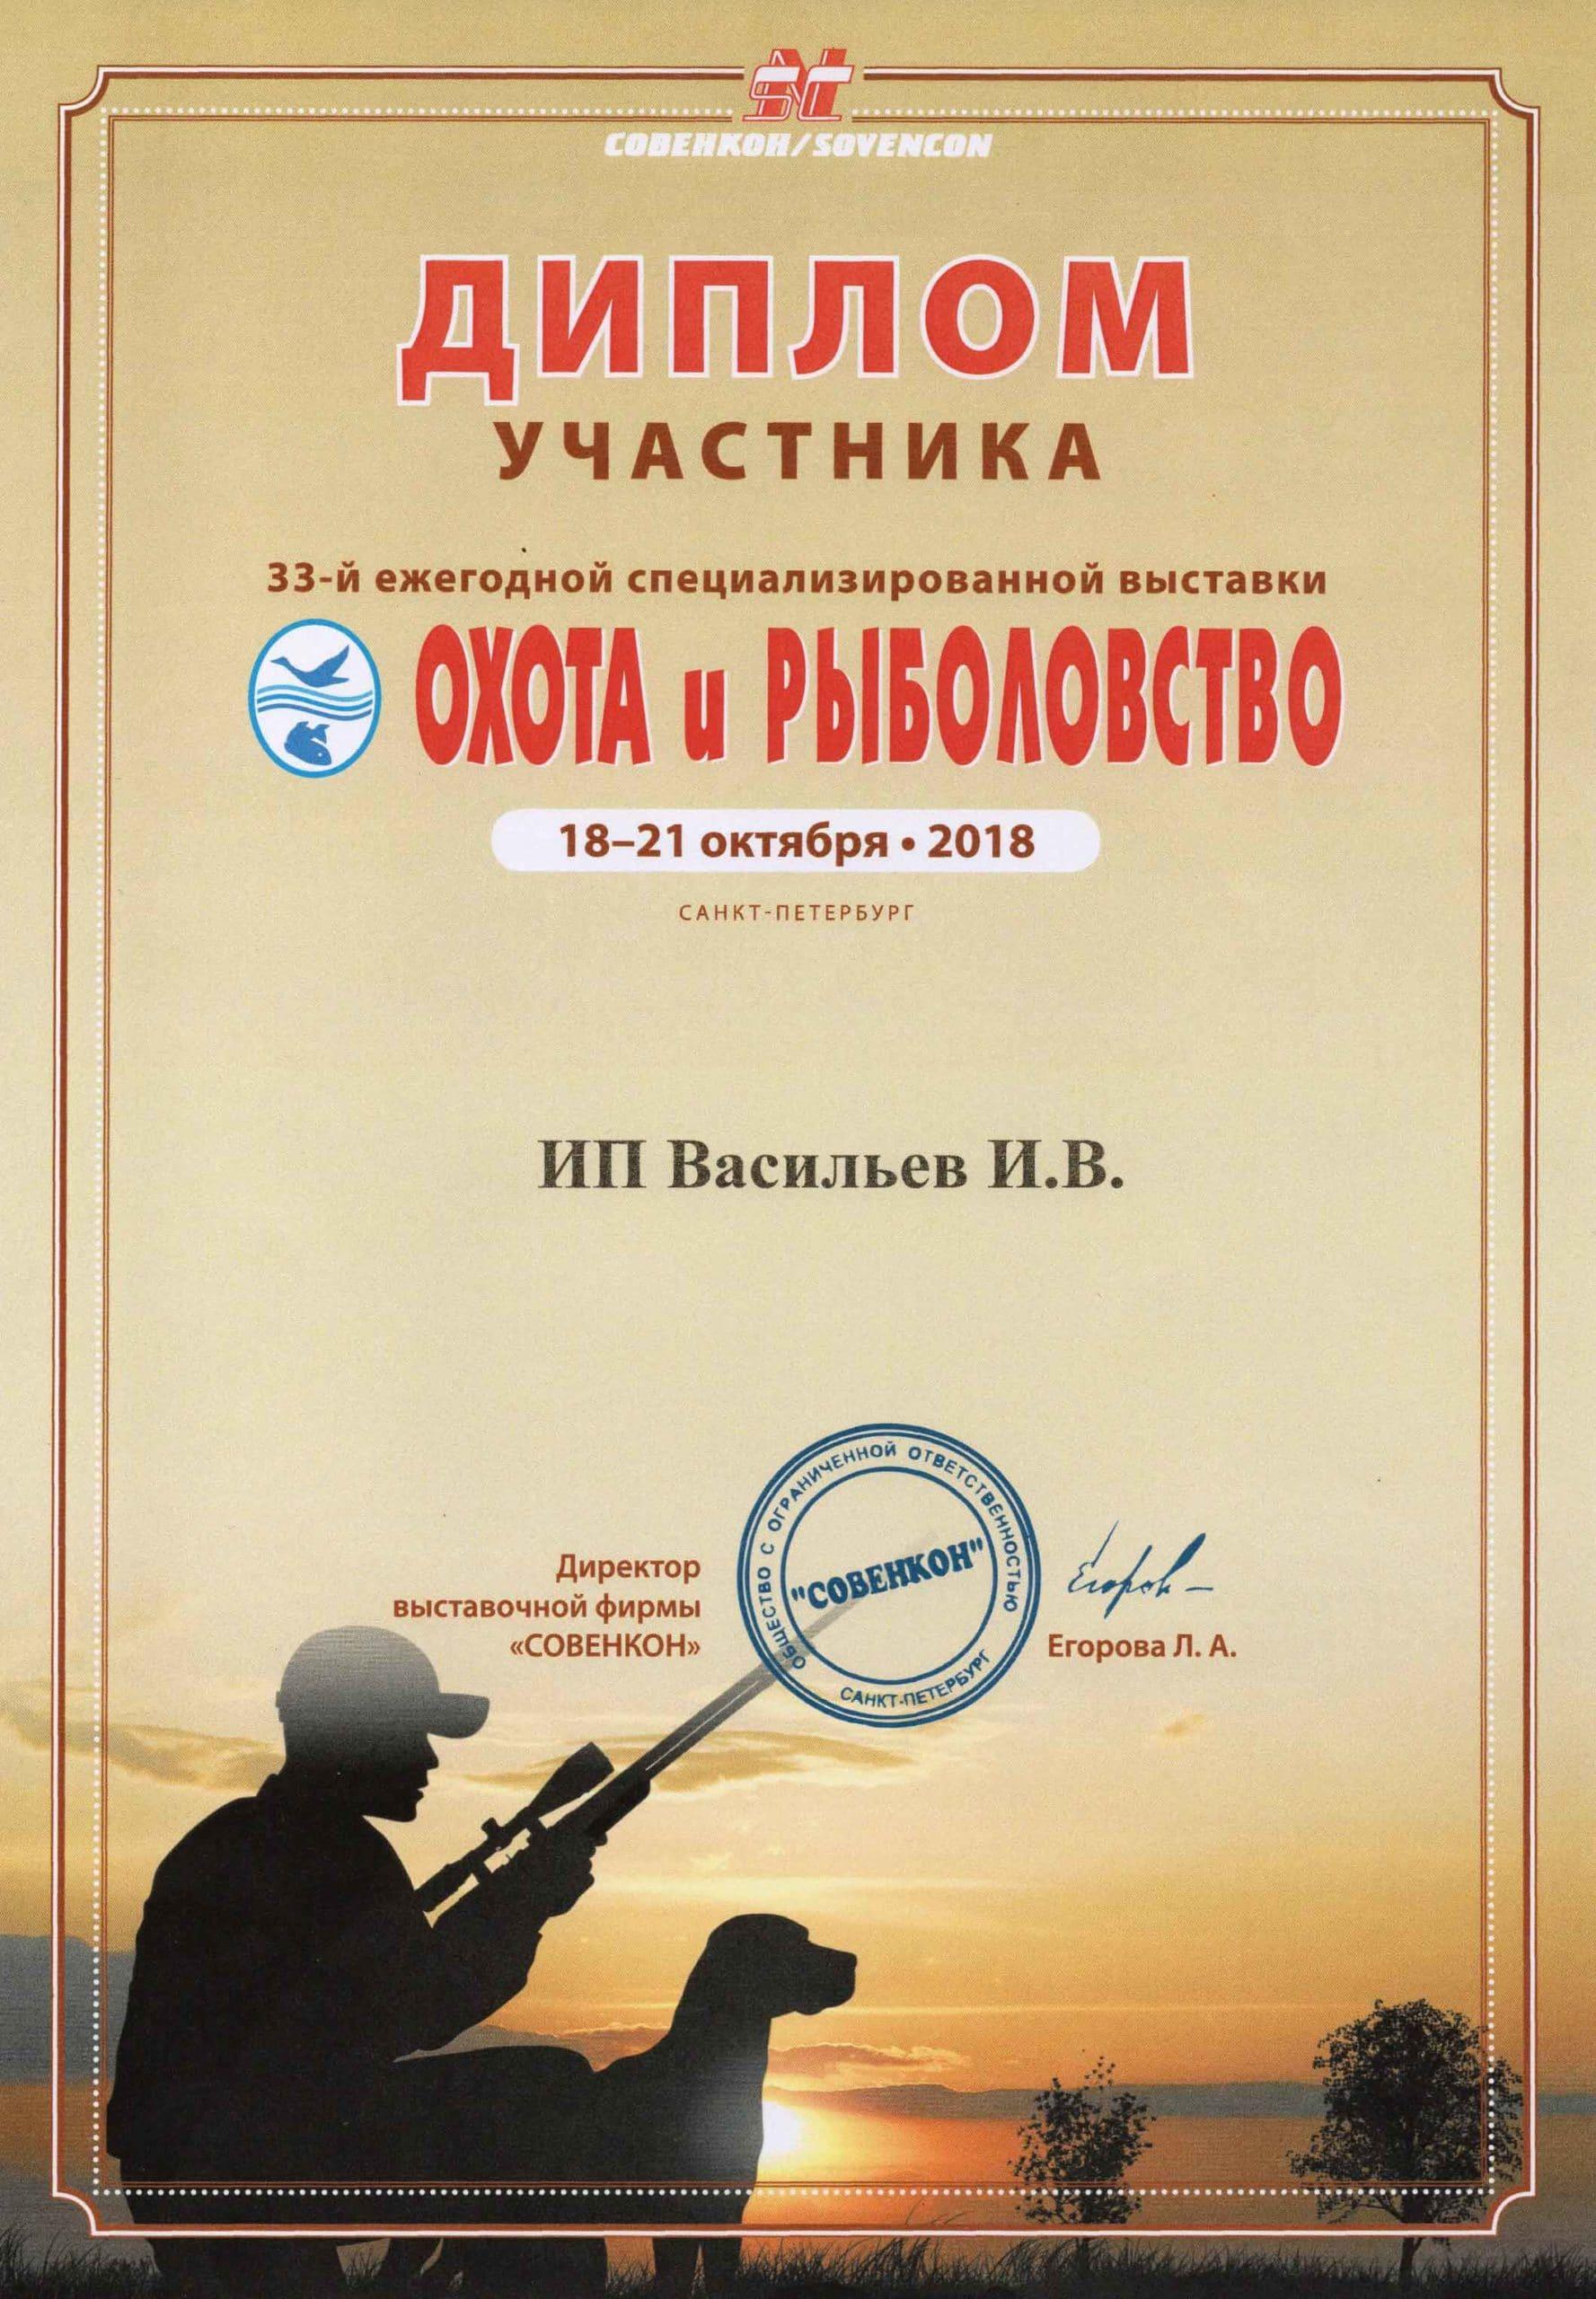 diplom ohota i rybolovstvo oktyabr 2018 tochilka zhuk